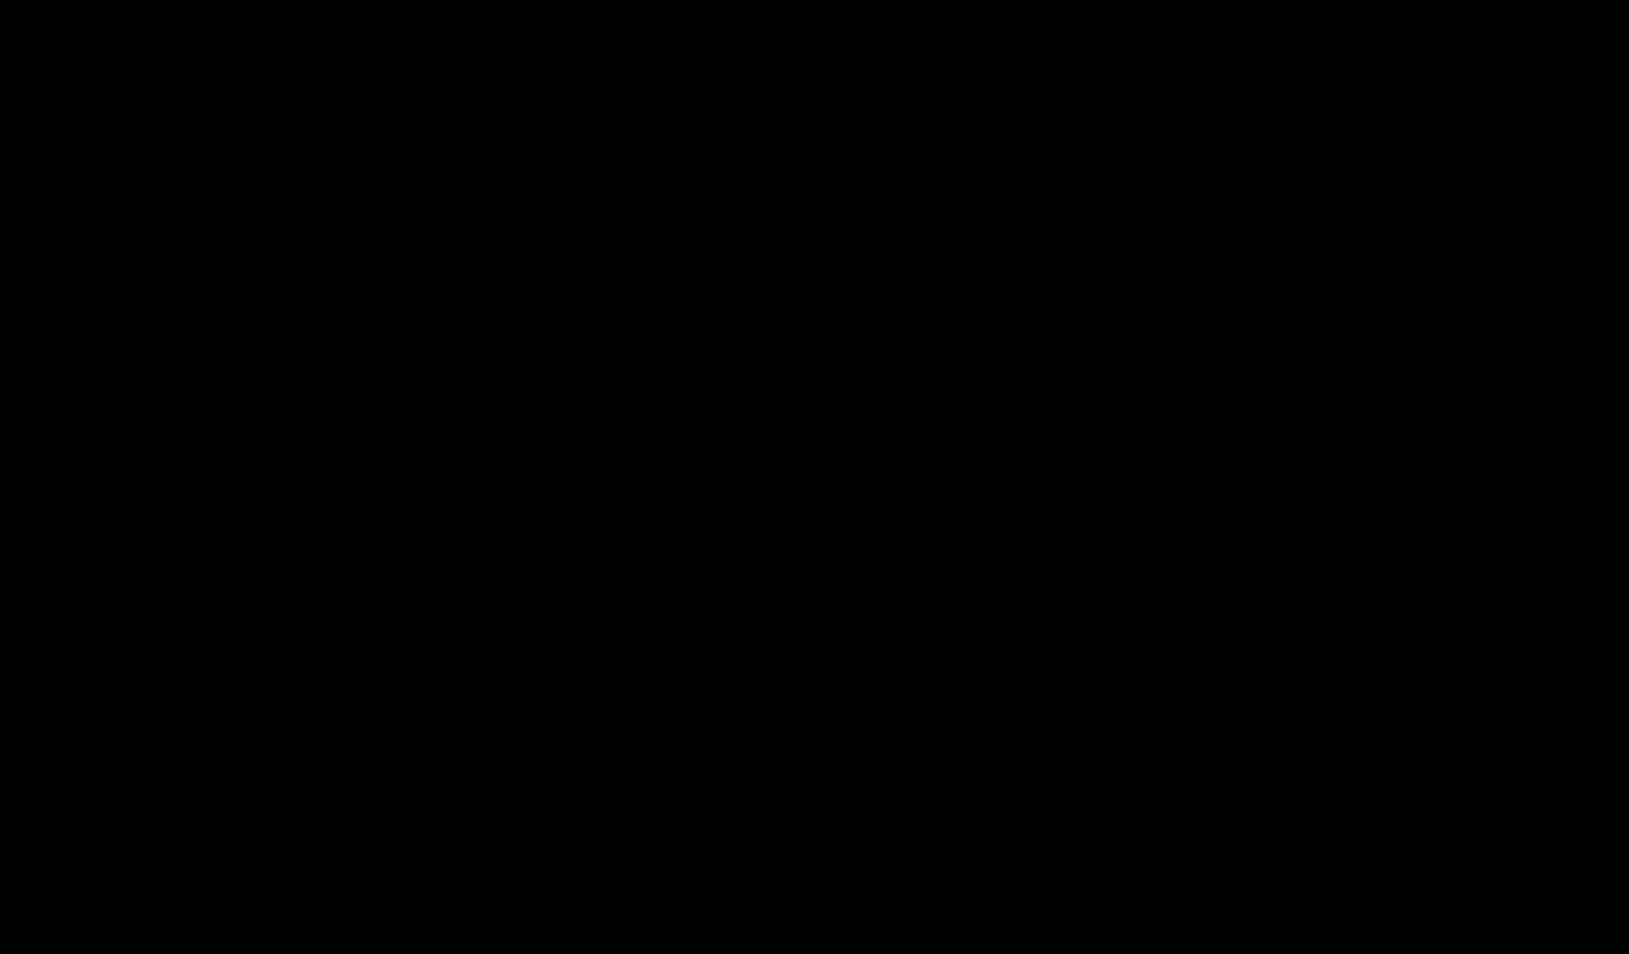 Логотип и Фирменный стиль фото f_03454b1c2e5e789c.png